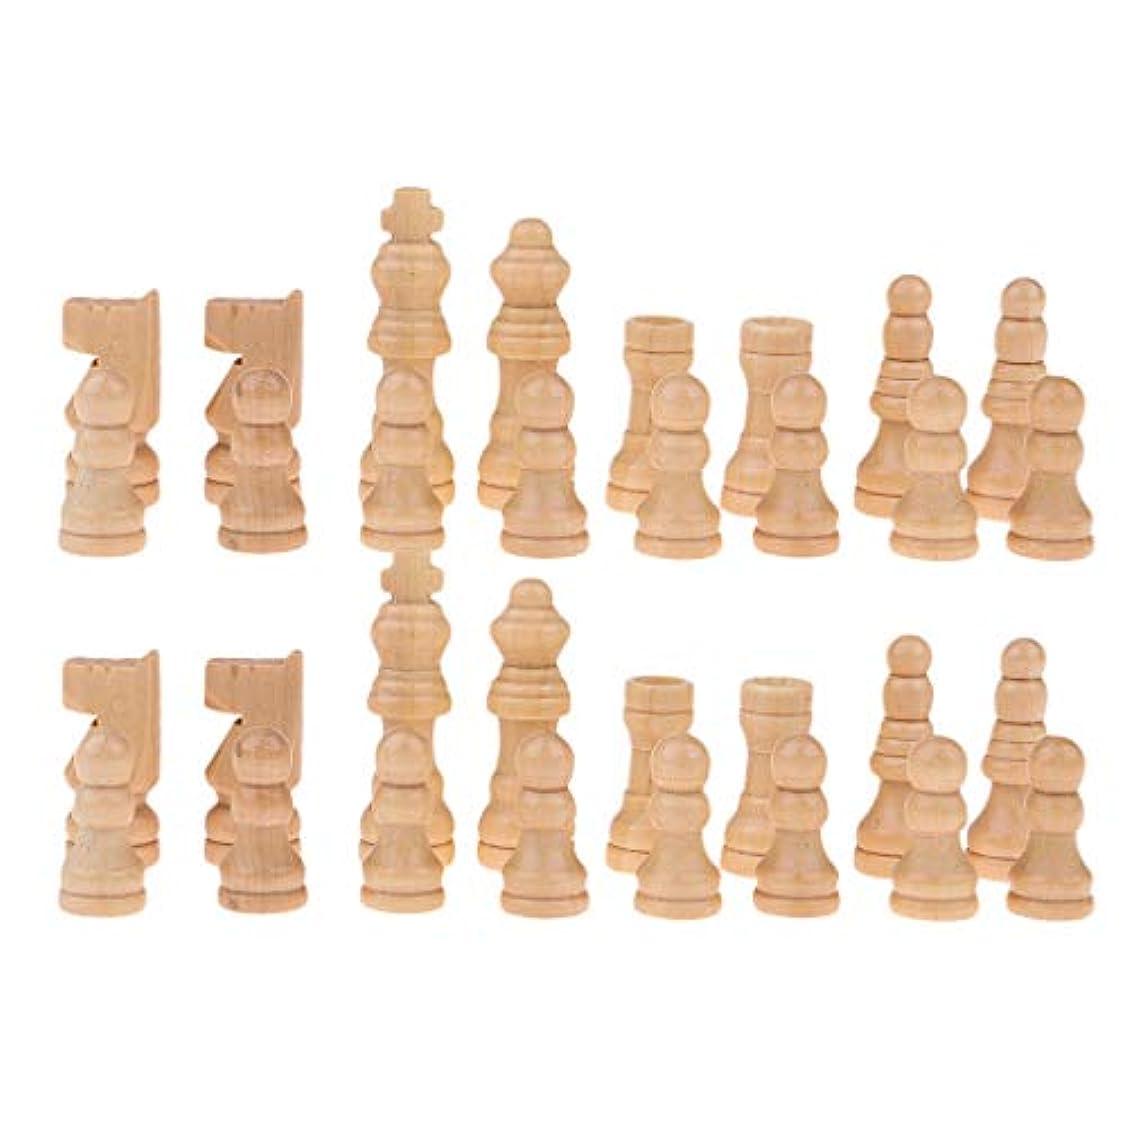 姪おなかがすいた含意sharprepublic 約32個 木製 チェスマン 国際チェス用 チェスセット チェス駒 ウッド色